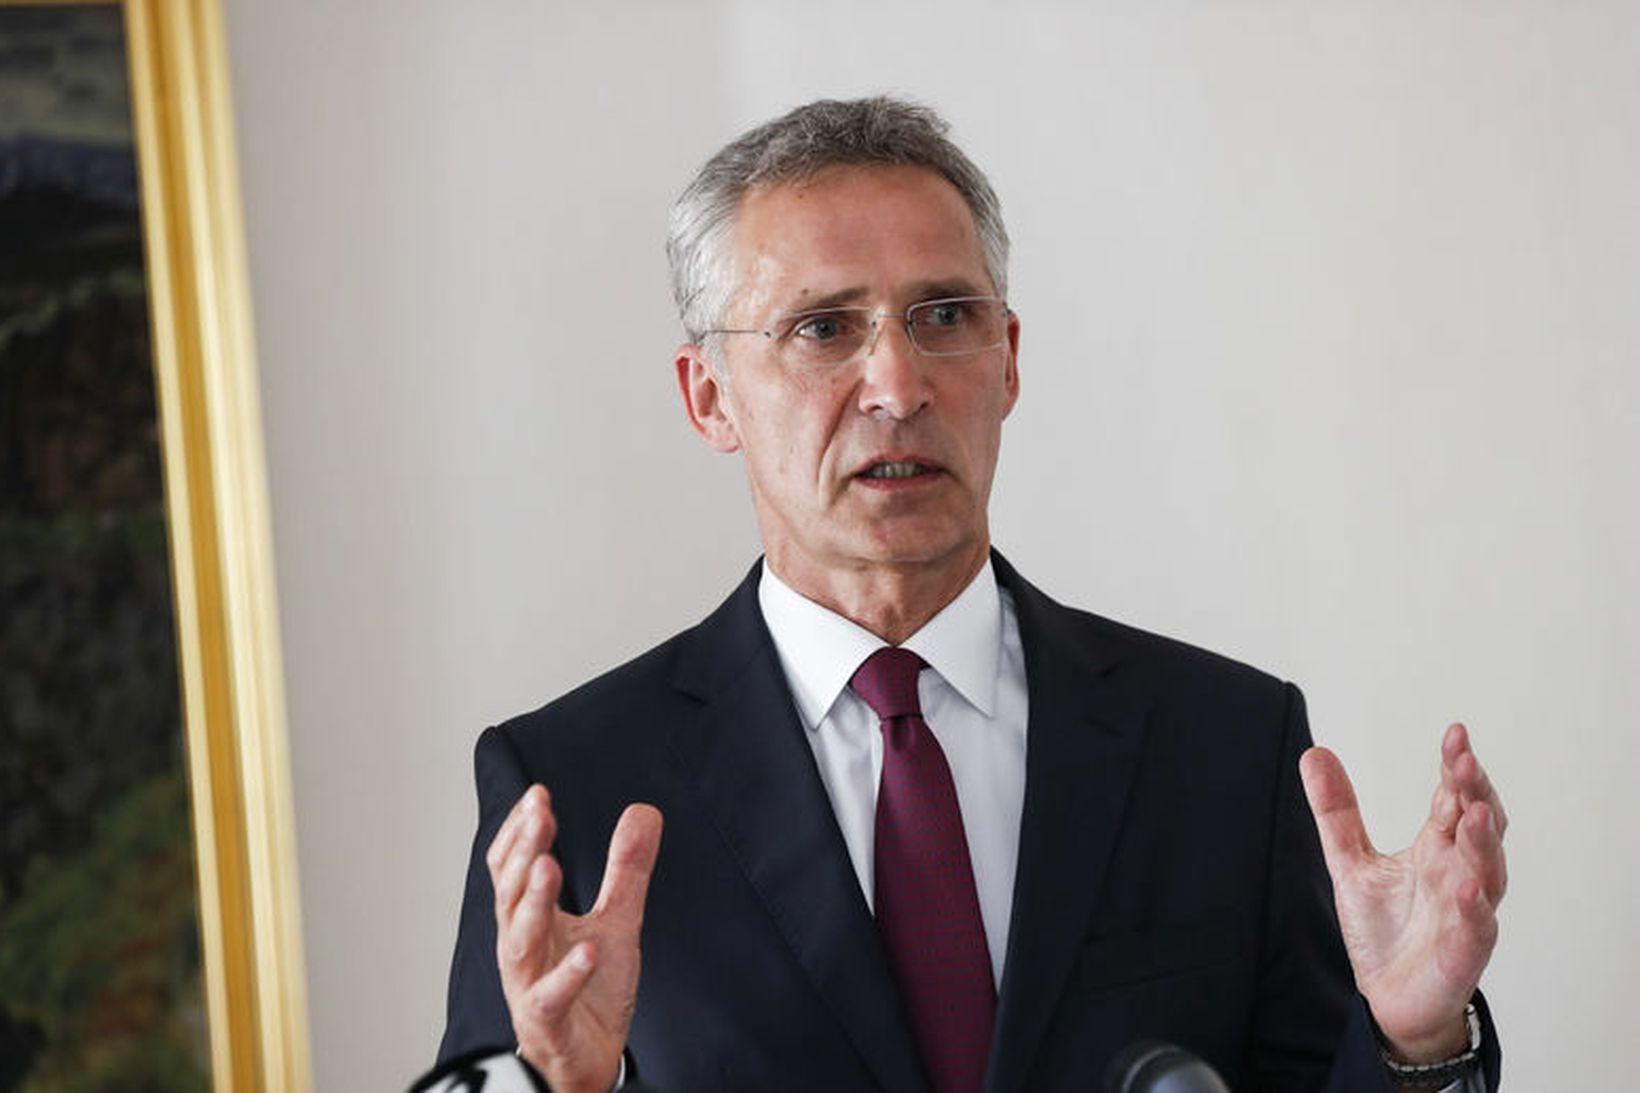 Framkvæmdastjóri NATO, Jens Stoltenberg, sagði aðildarríki NATO geta virkjað fimmtu …